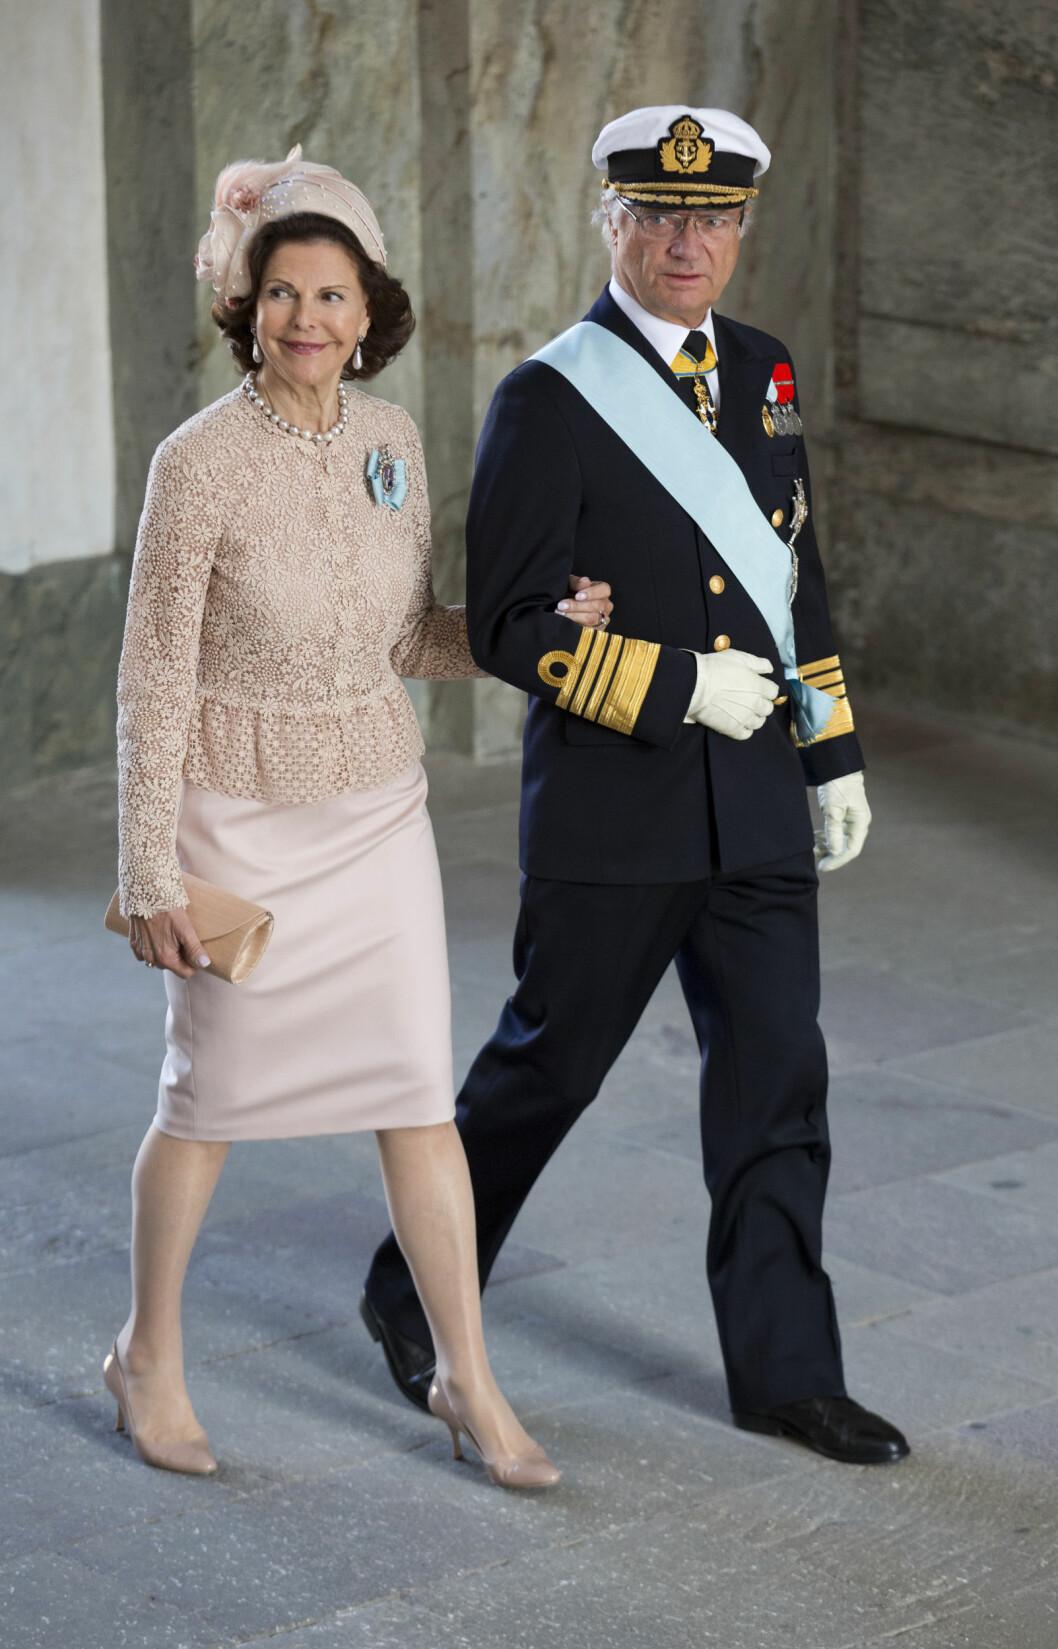 BORTREIST: Dronning Silvia var ikke i Stockholm da sønnen ble pappa for første gang. Her er det svenske kongeparet sammen under dåpen til prinsesse Estelle for fire år siden. Foto: Julian Parker/UK Press Ltd